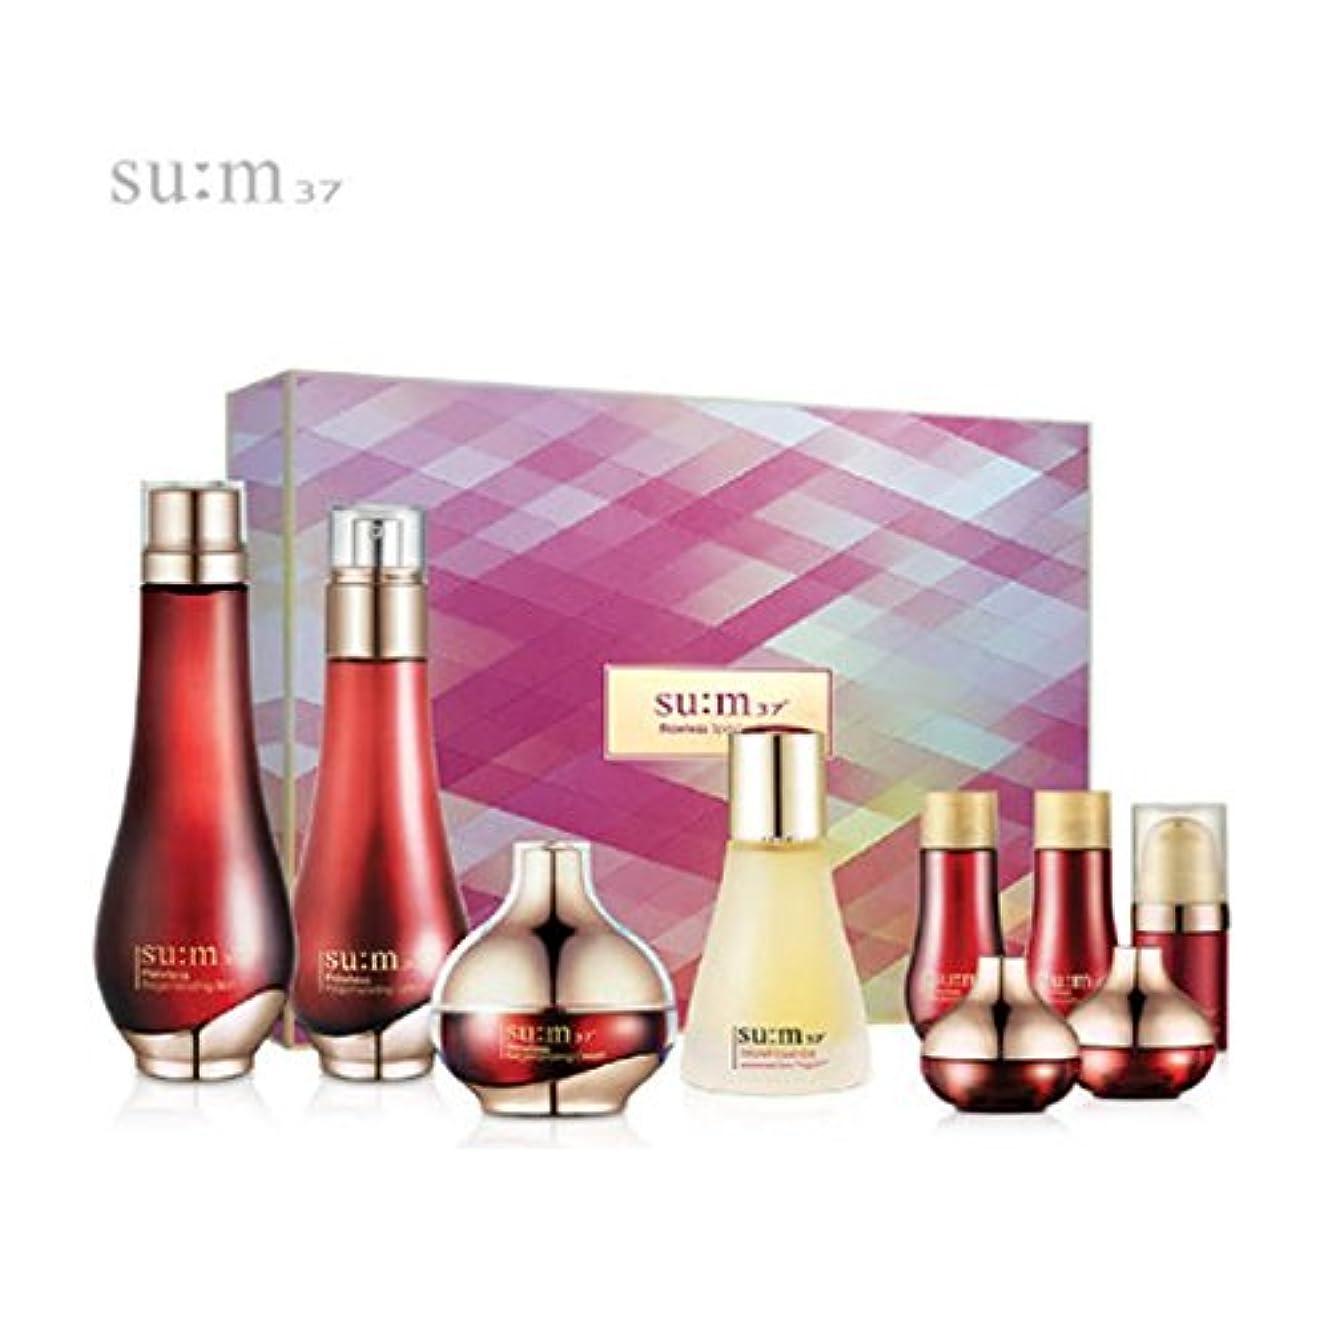 スラダム水っぽい離婚[su:m37/スム37°]Flawless 3pcs Special Limited Skincare Set/フローレス3種のスキンケアセット + [Sample Gift](海外直送品)